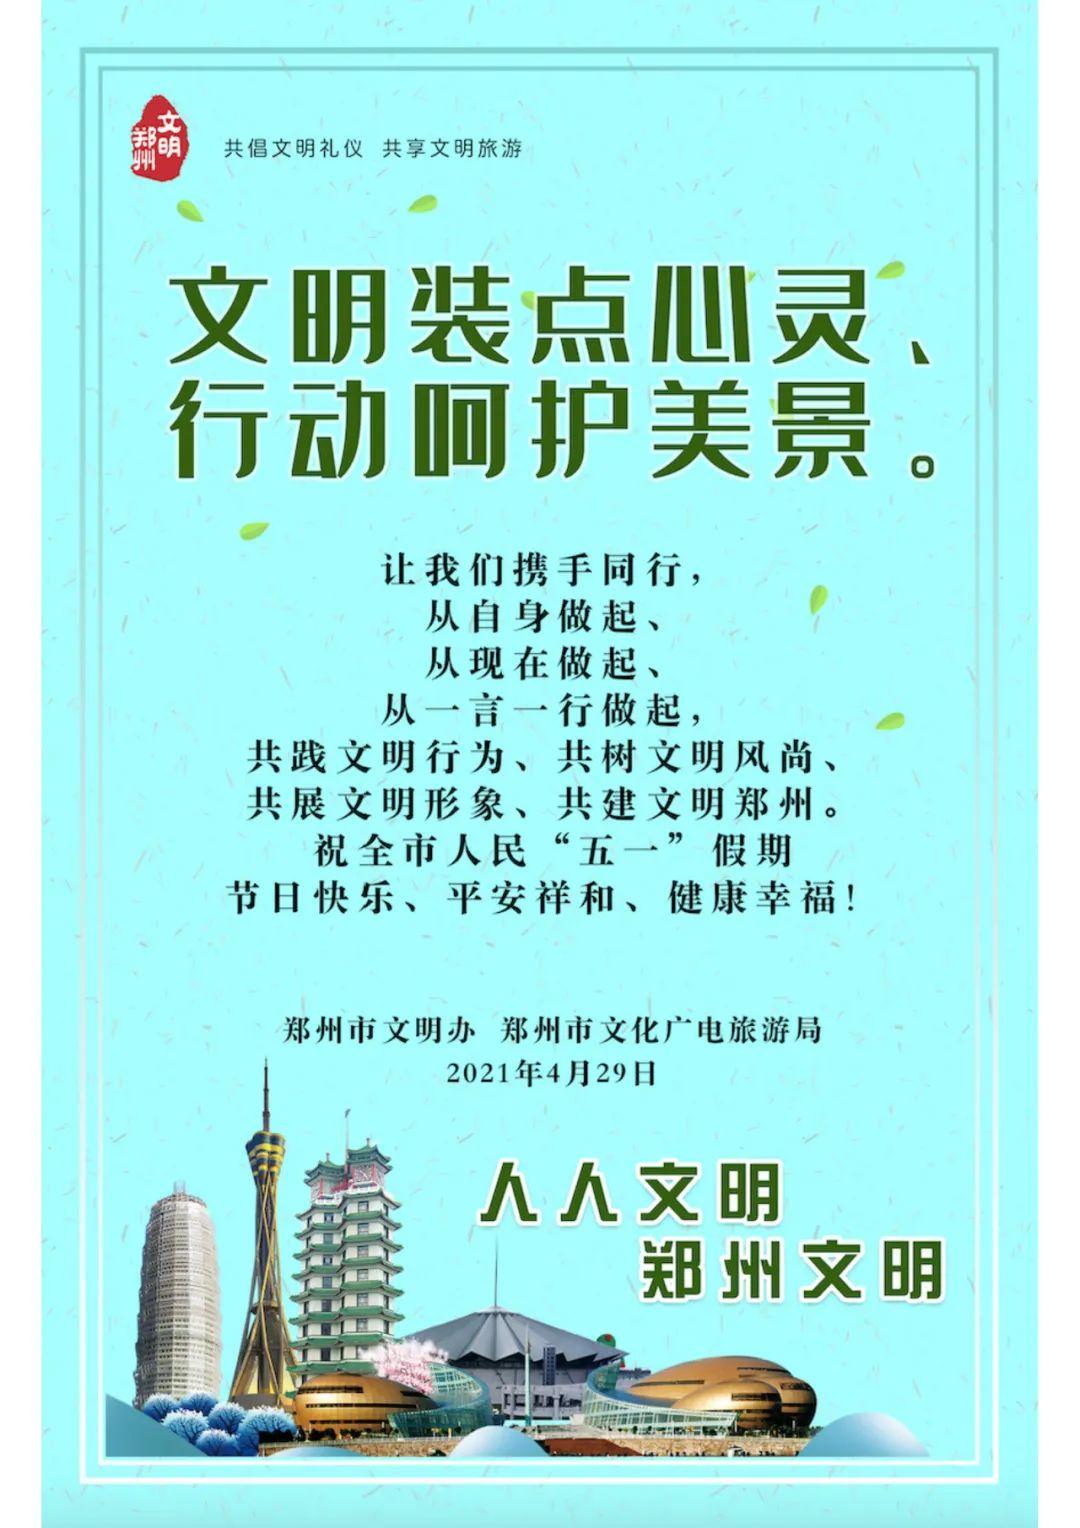 """@郑州市民 请查收这份""""五一""""文明旅游倡议书"""